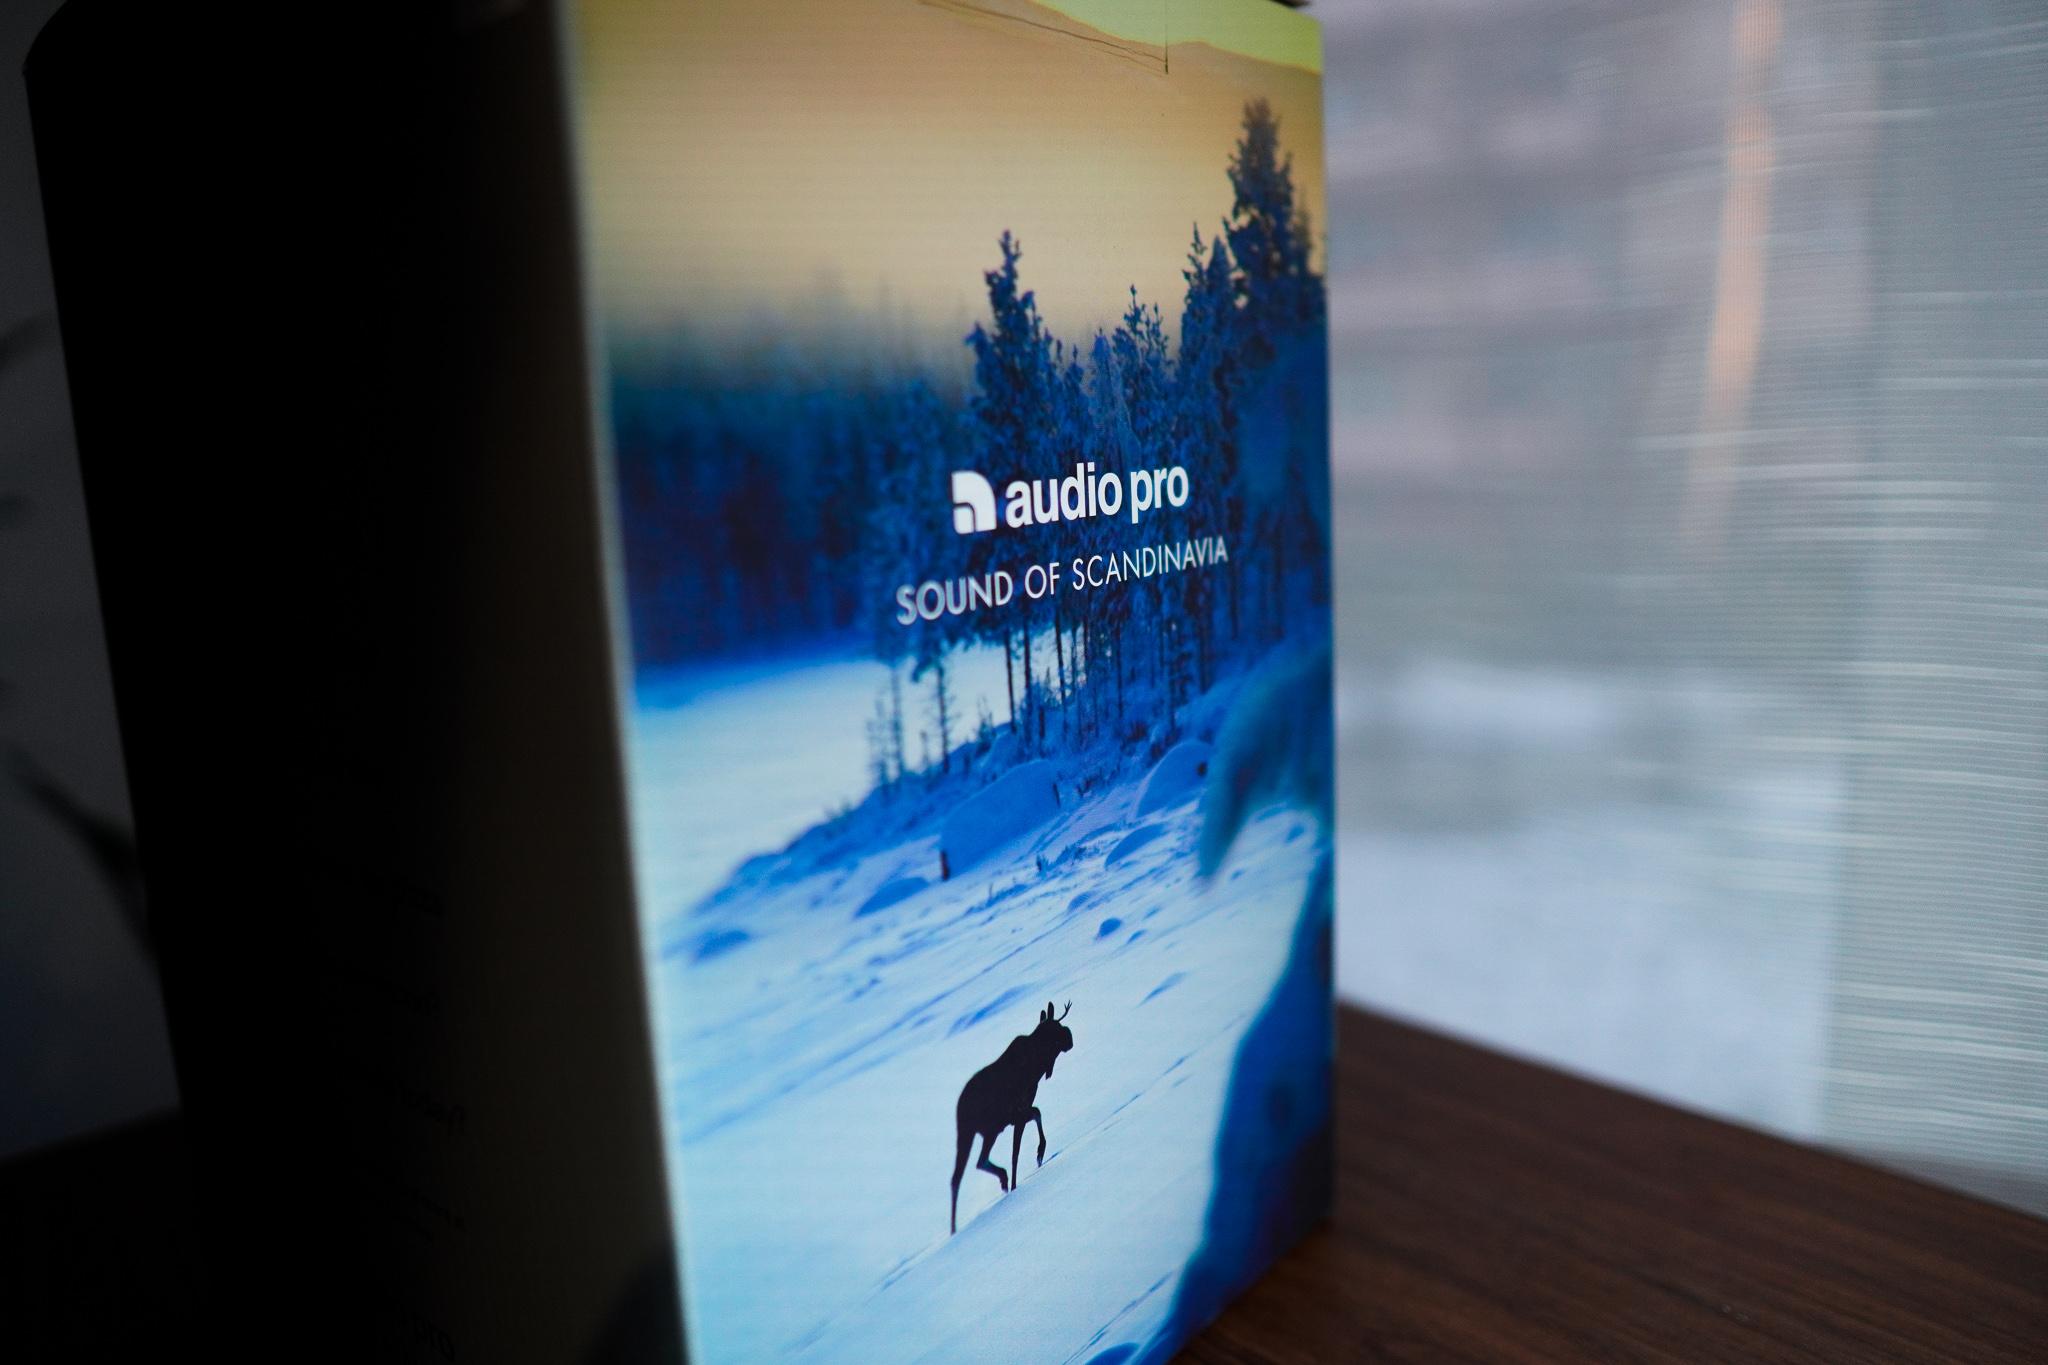 Zdjęcie opakowania głośnika z łosiem idącym przez śnieżny krajobraz Szwecji